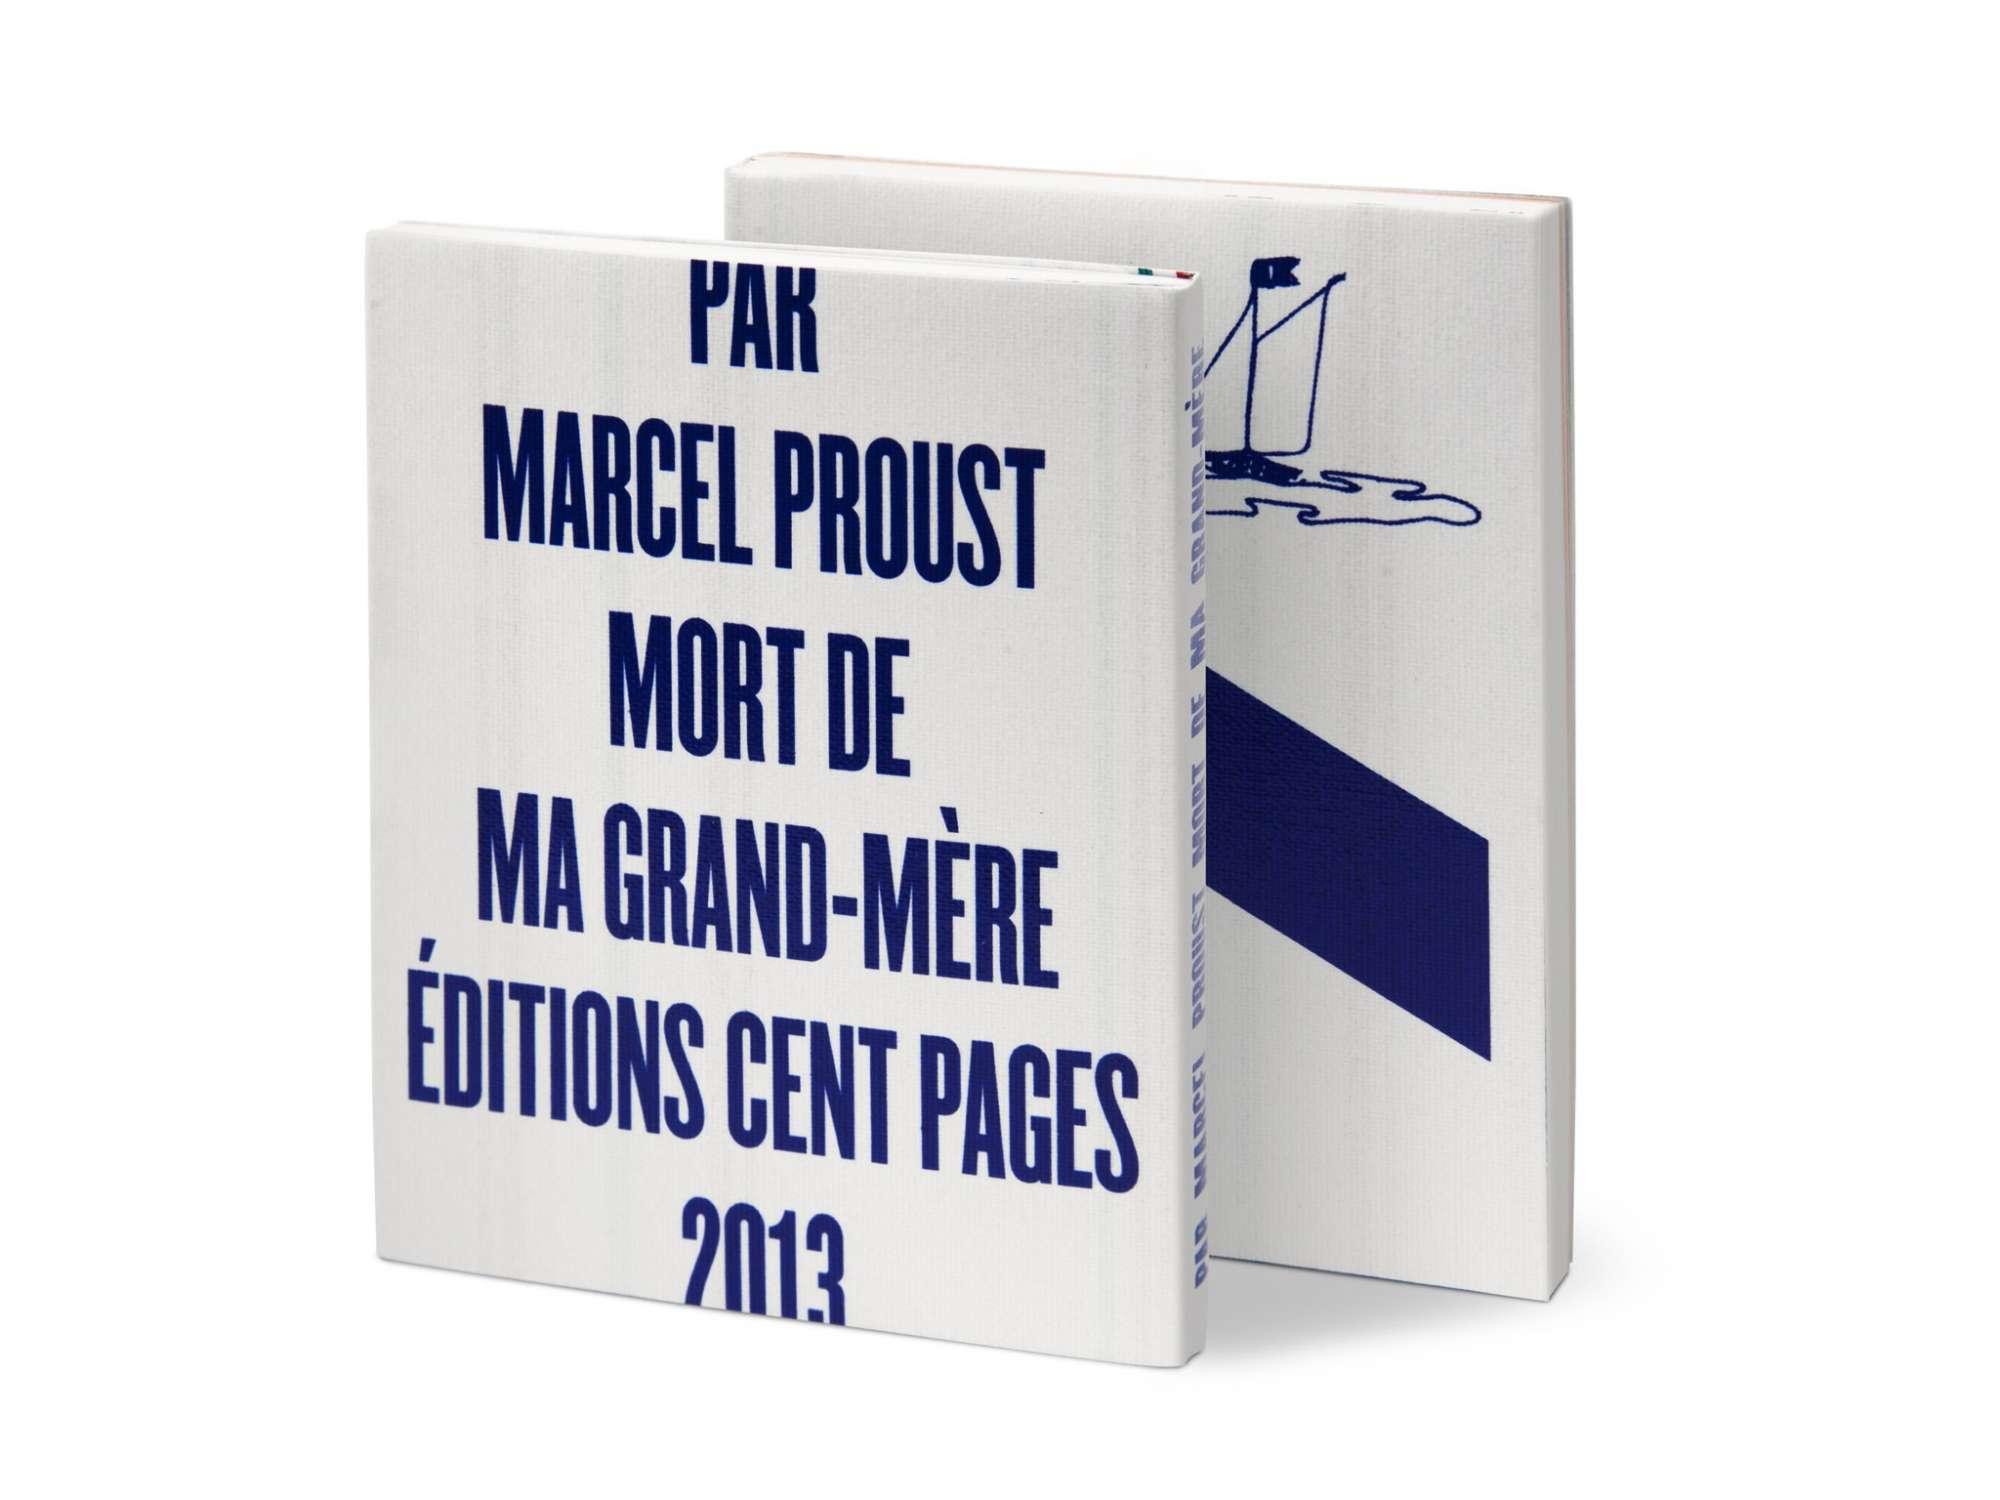 Marcel Proust Mort de ma grand-mère Éditions cent pages jaquette sérigraphie en bleu